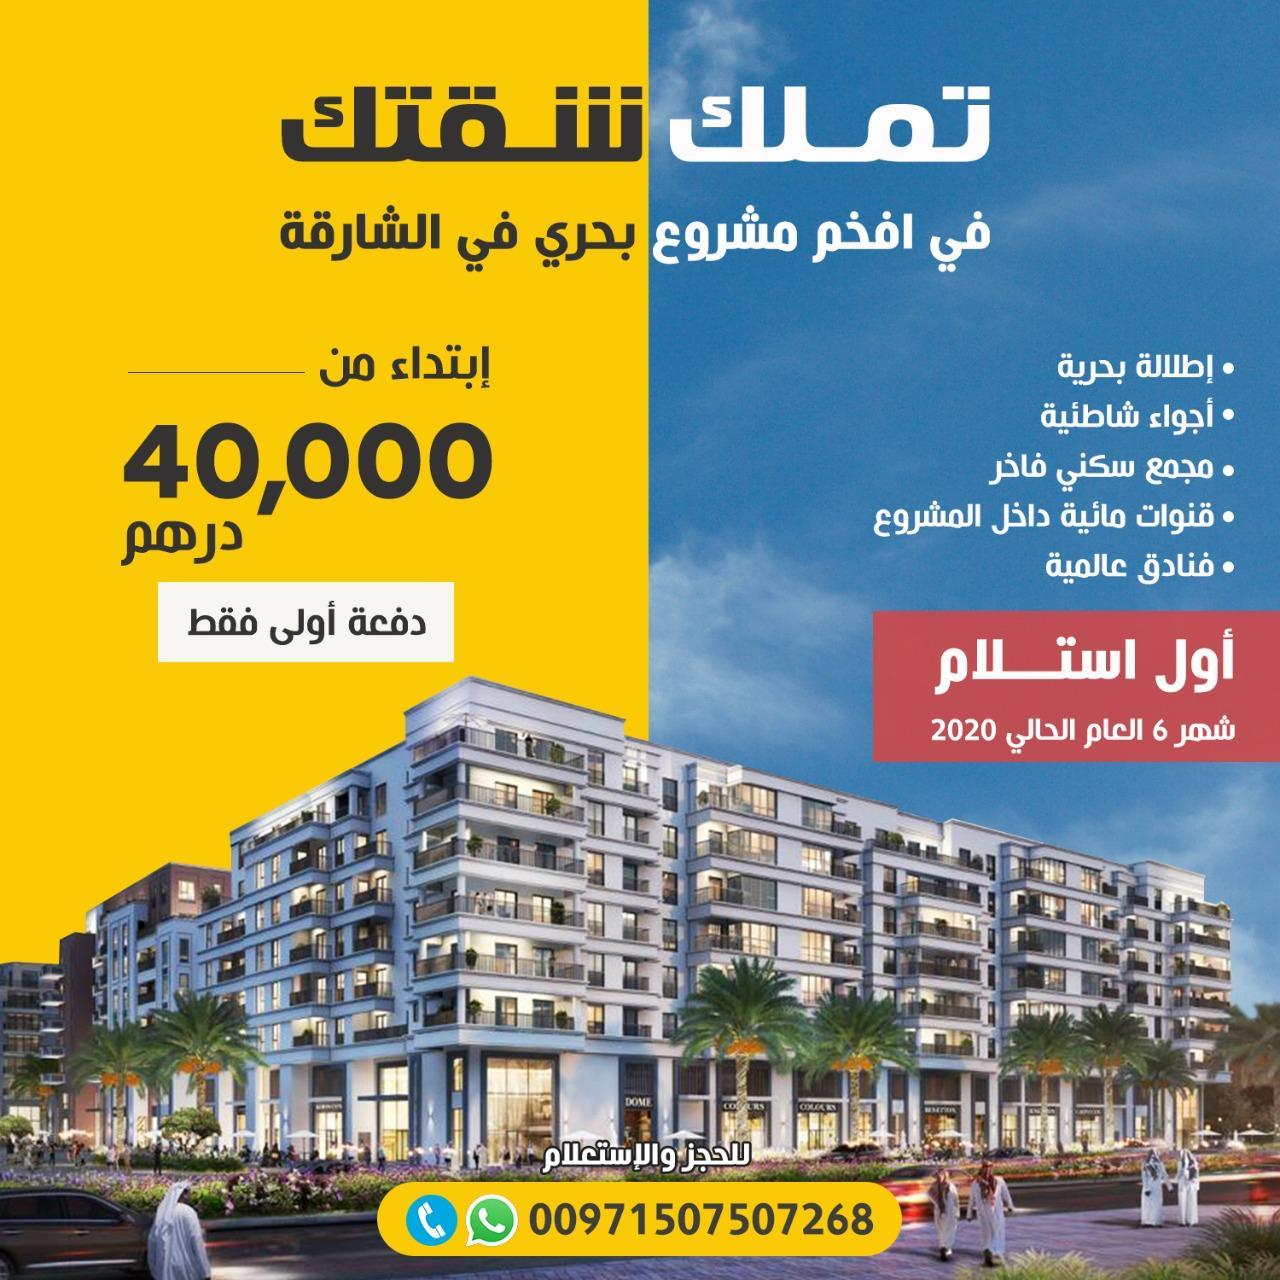 مشروع جزيرة مريم - مارينا الشارقة 823571763